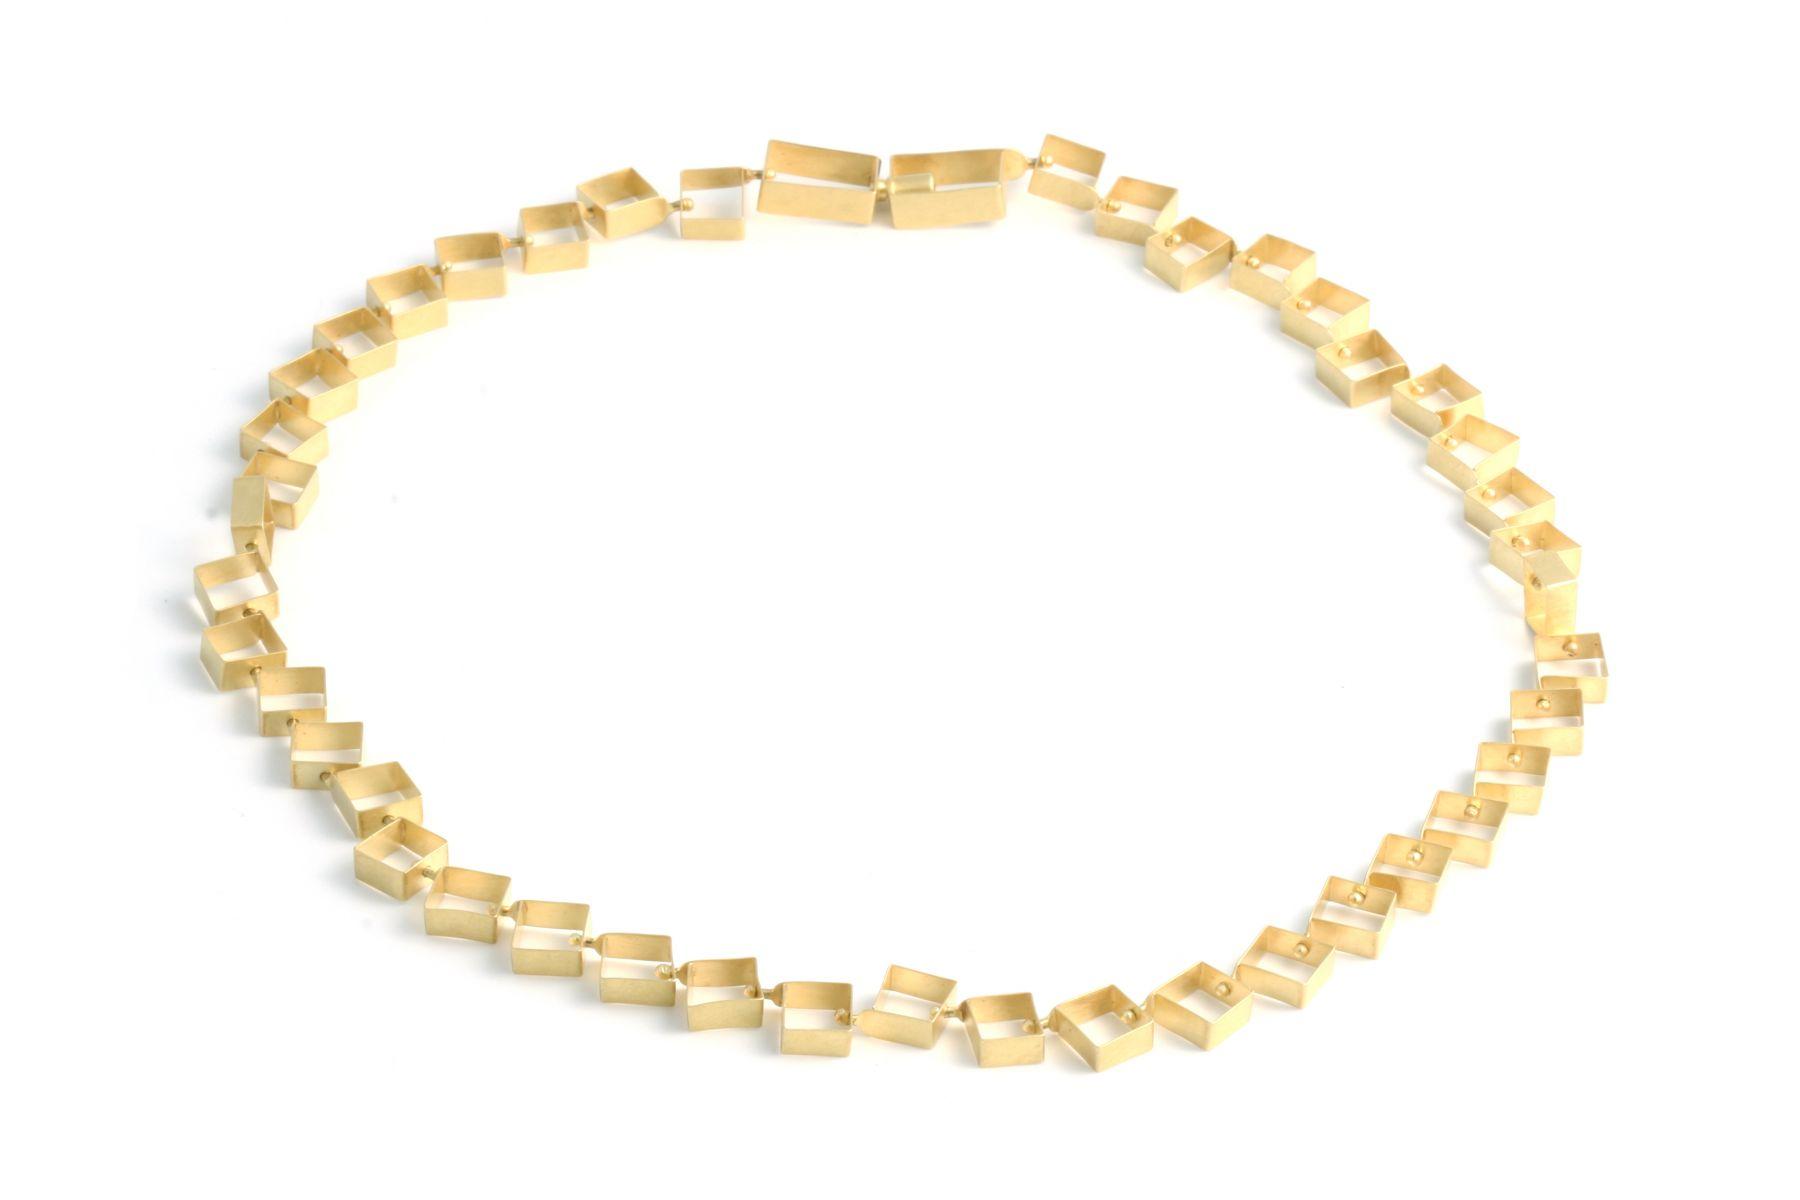 Dorothea Striffler, necklace, gold